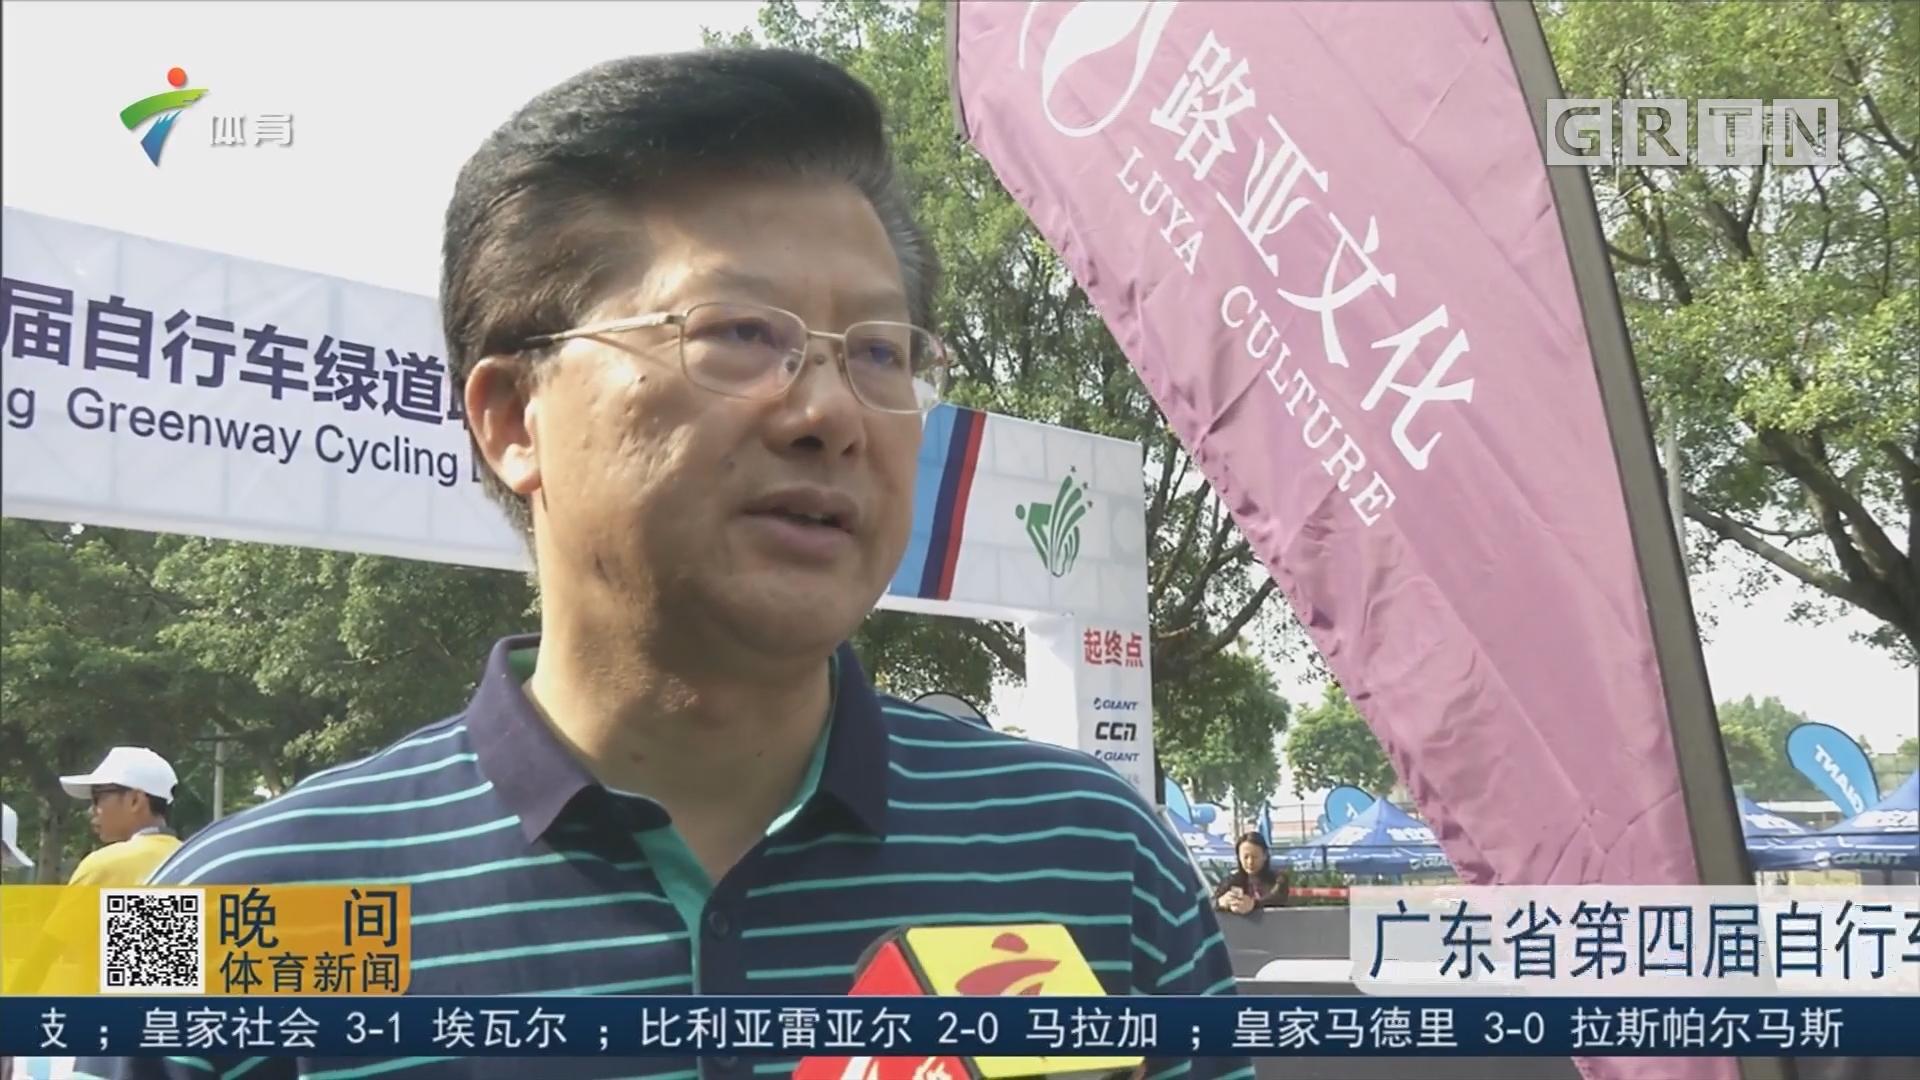 广东省第四届自行车绿道联赛在广州黄村鸣枪